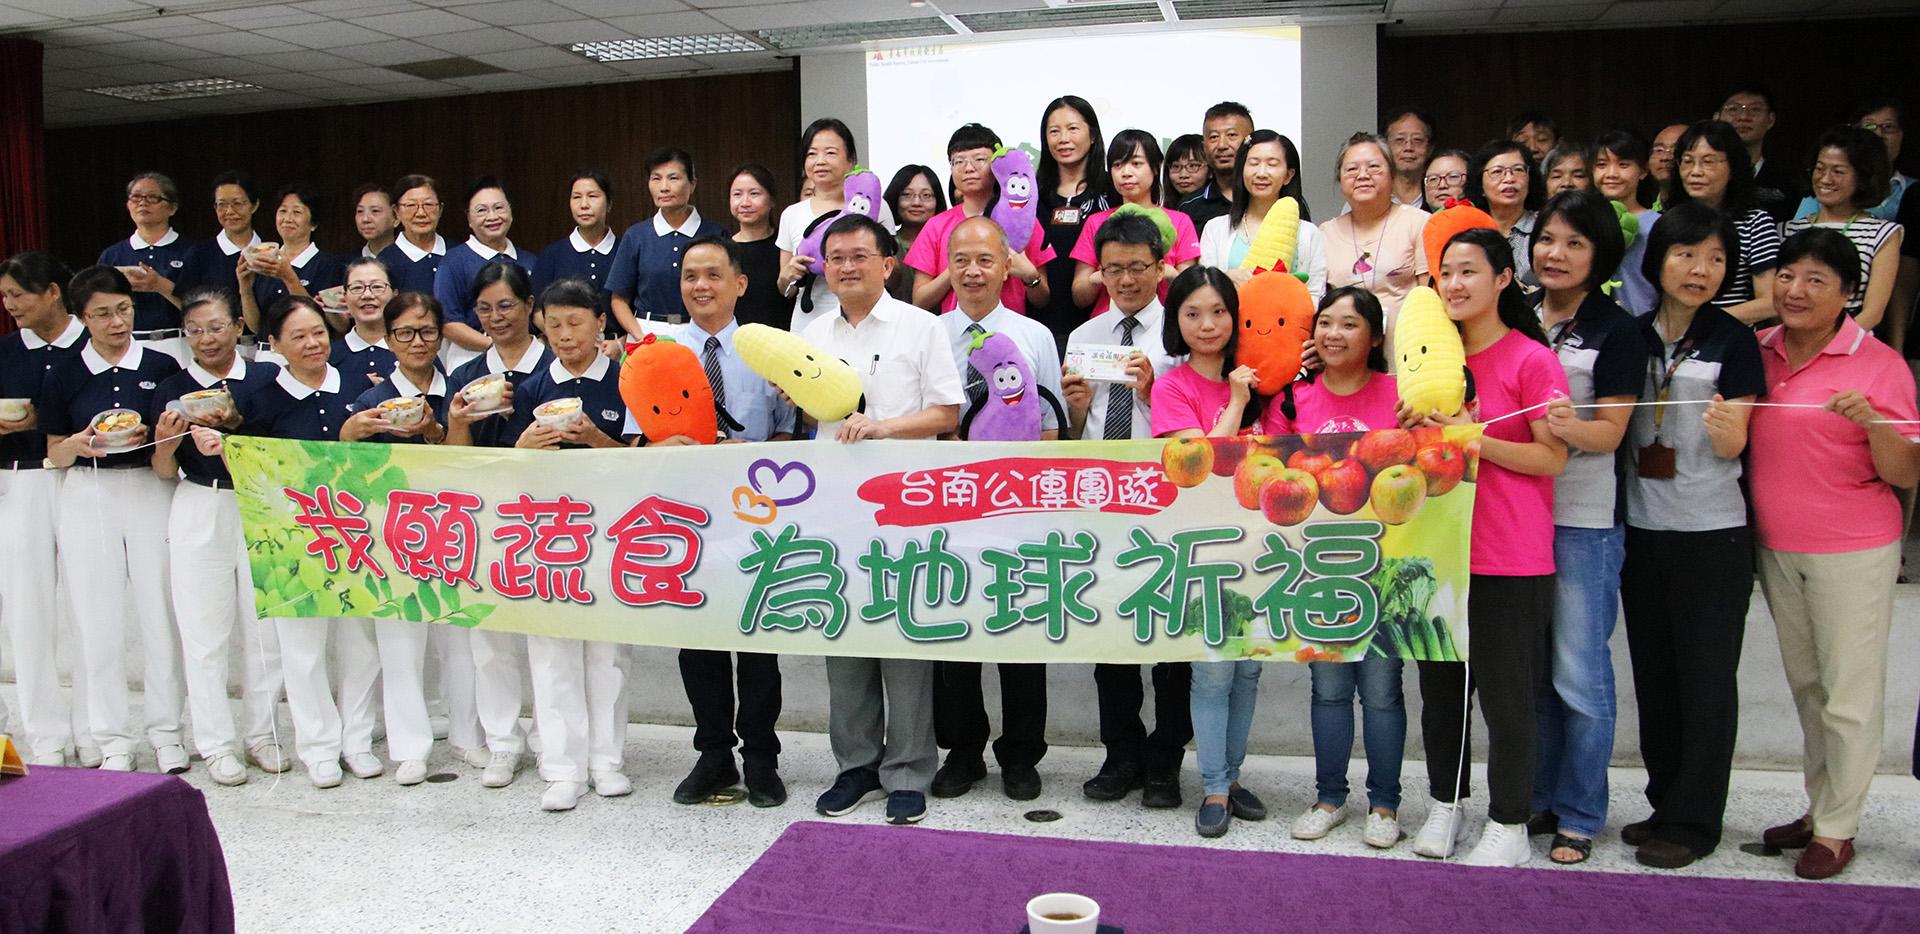 台南市衛生局7月9日在林森辦公室五樓大禮堂舉辦「蔬食享健康 環保低碳一起來」記者會。